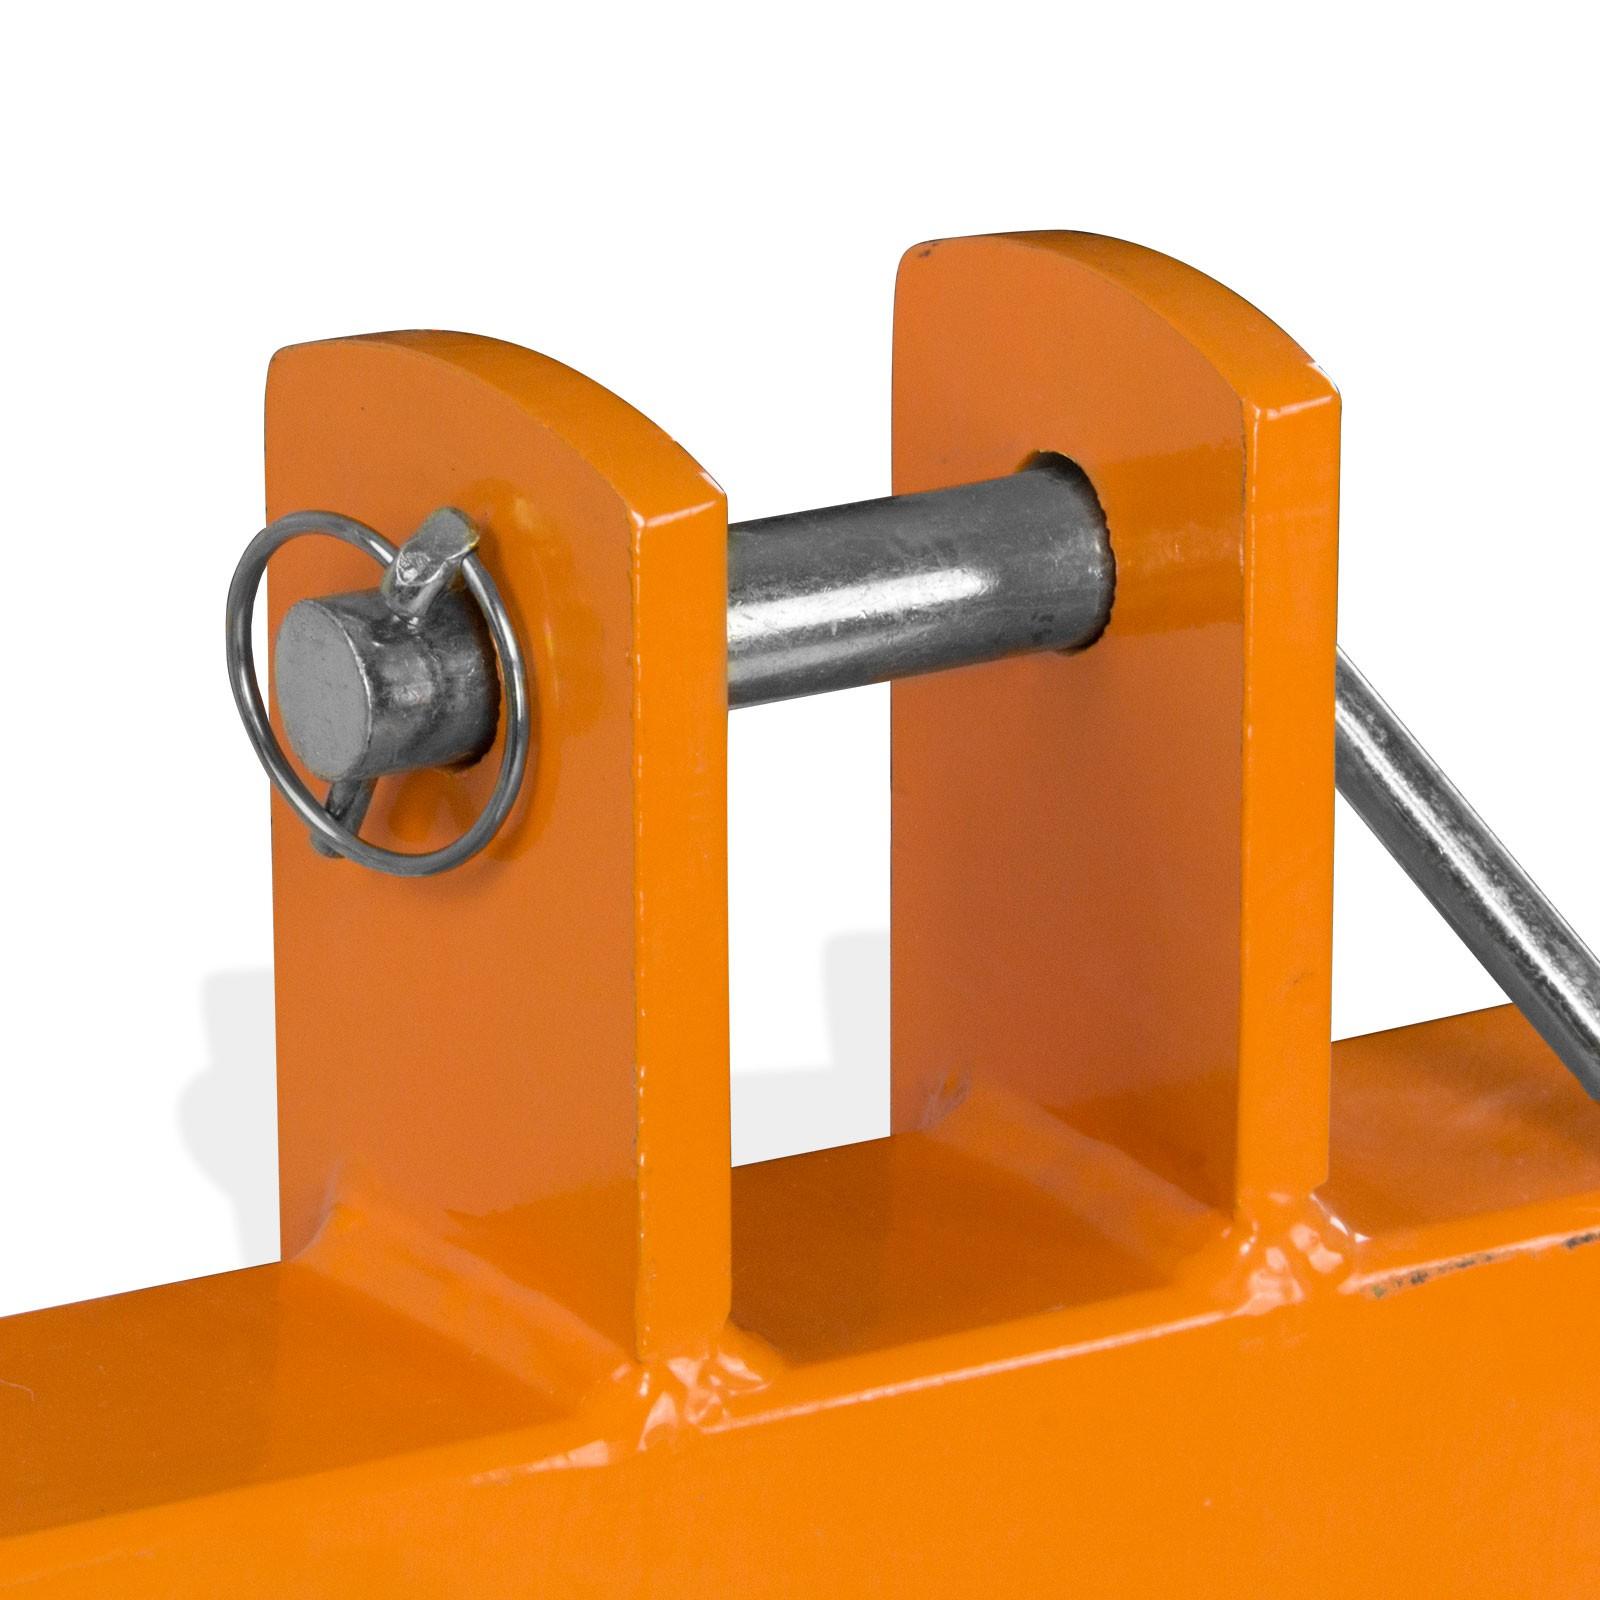 Gabelträger Dreipunktaufnahme Heckhydraulik 2 Gabelzinken Palettengabel